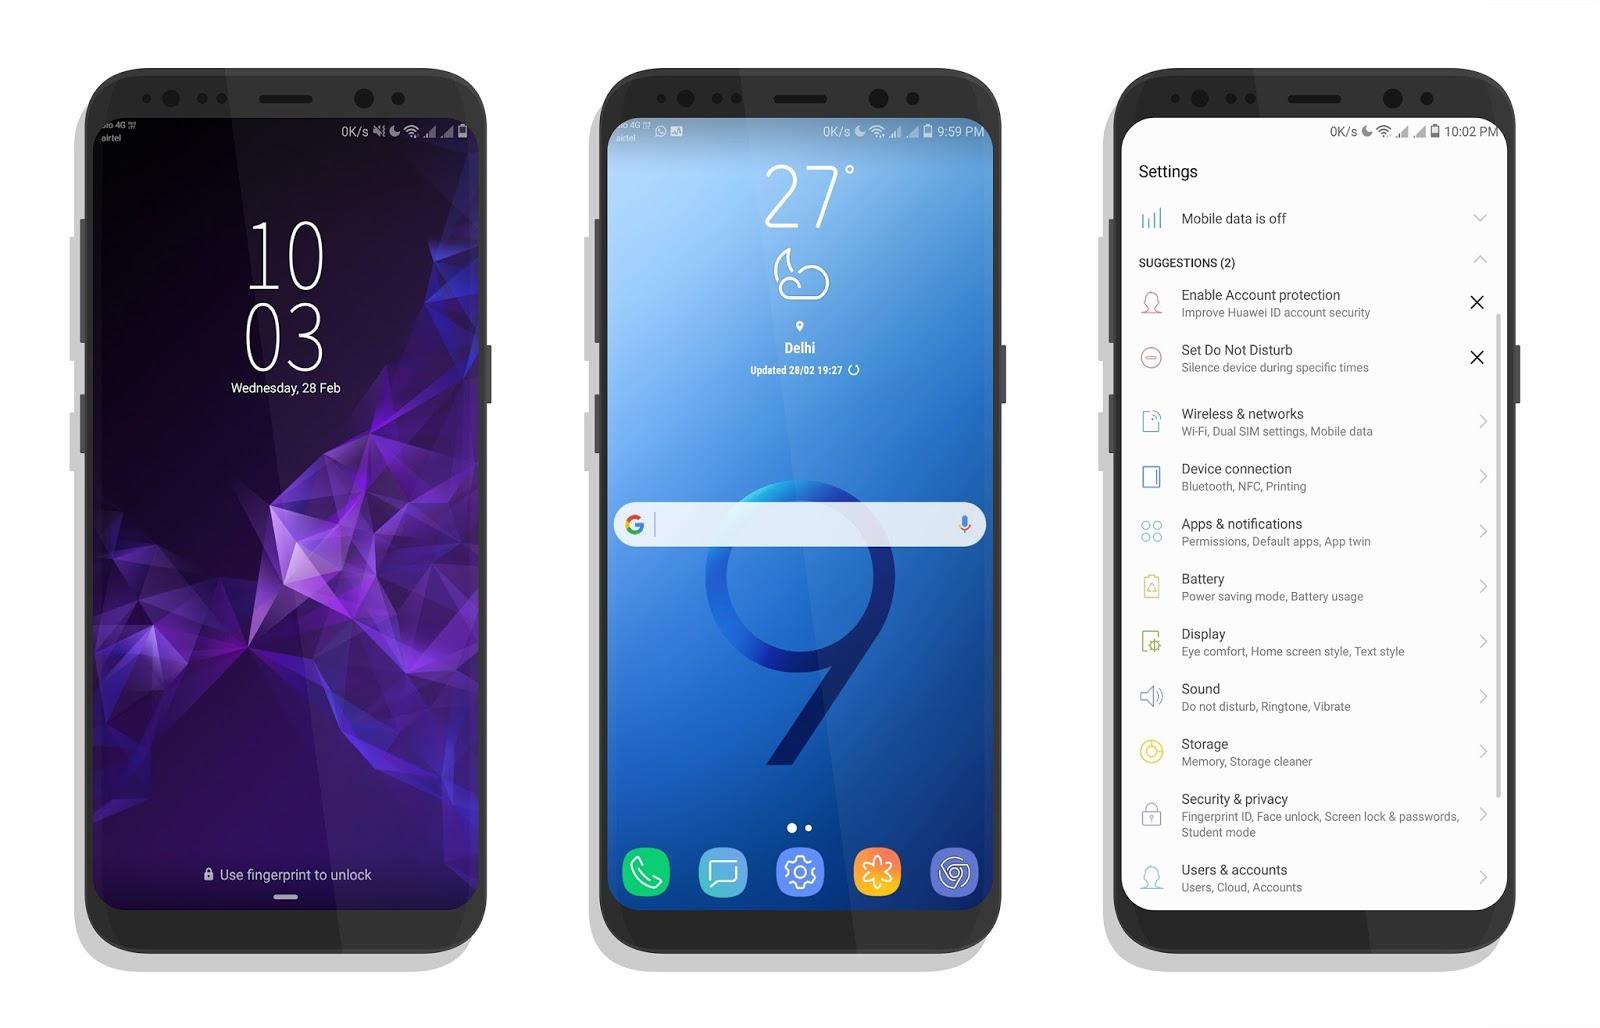 Tema de Samsung Galaxy S9 para EMUI 5